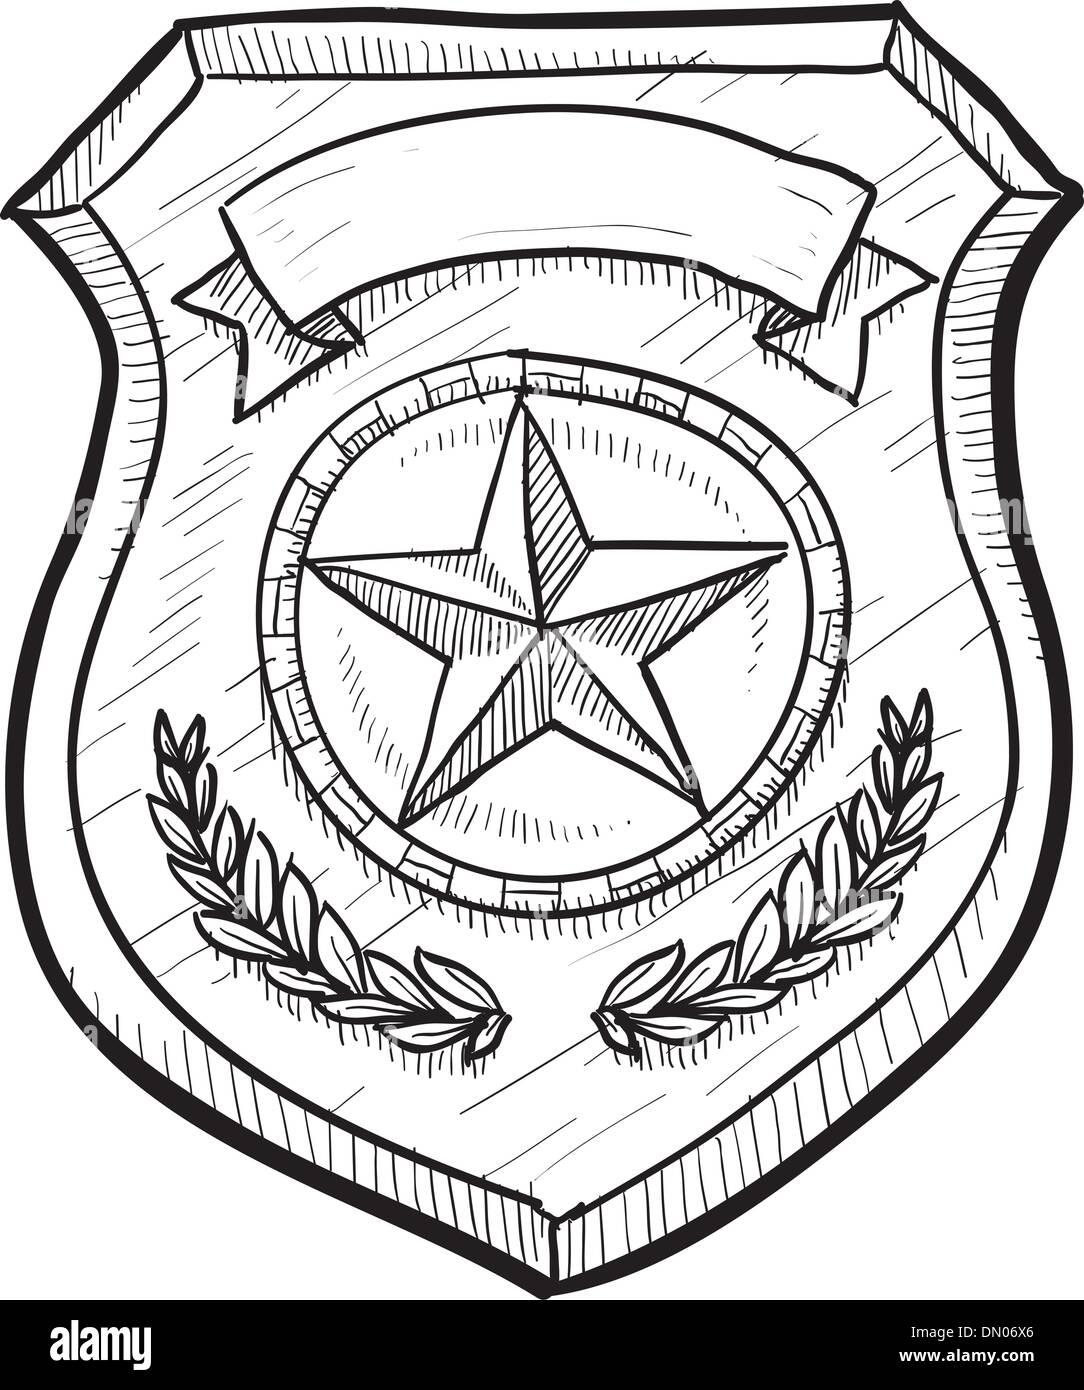 police or firefighter badge sketch stock vector art u0026 illustration